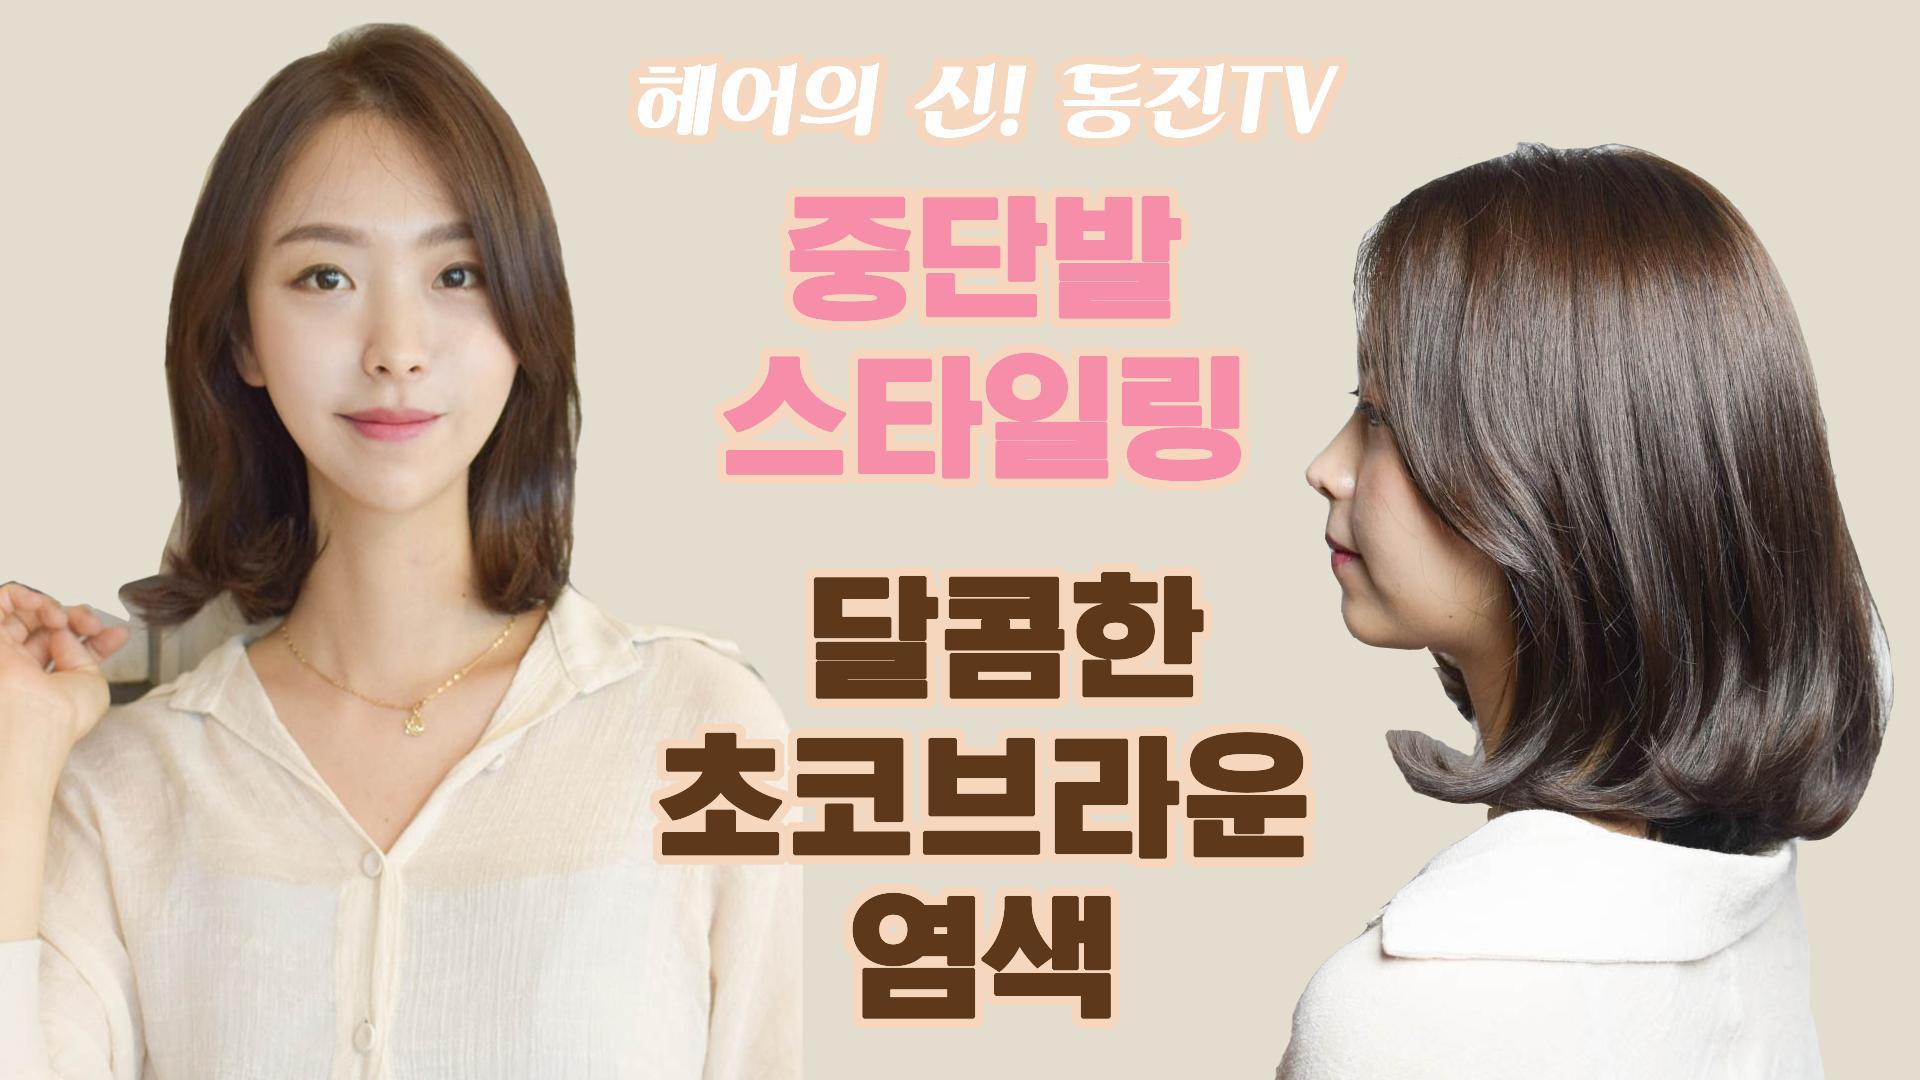 [1분팁] 중단발스타일링 달콤한 초코브라운 염색! Dyeing mid-length hair a sweet chocolate brown color